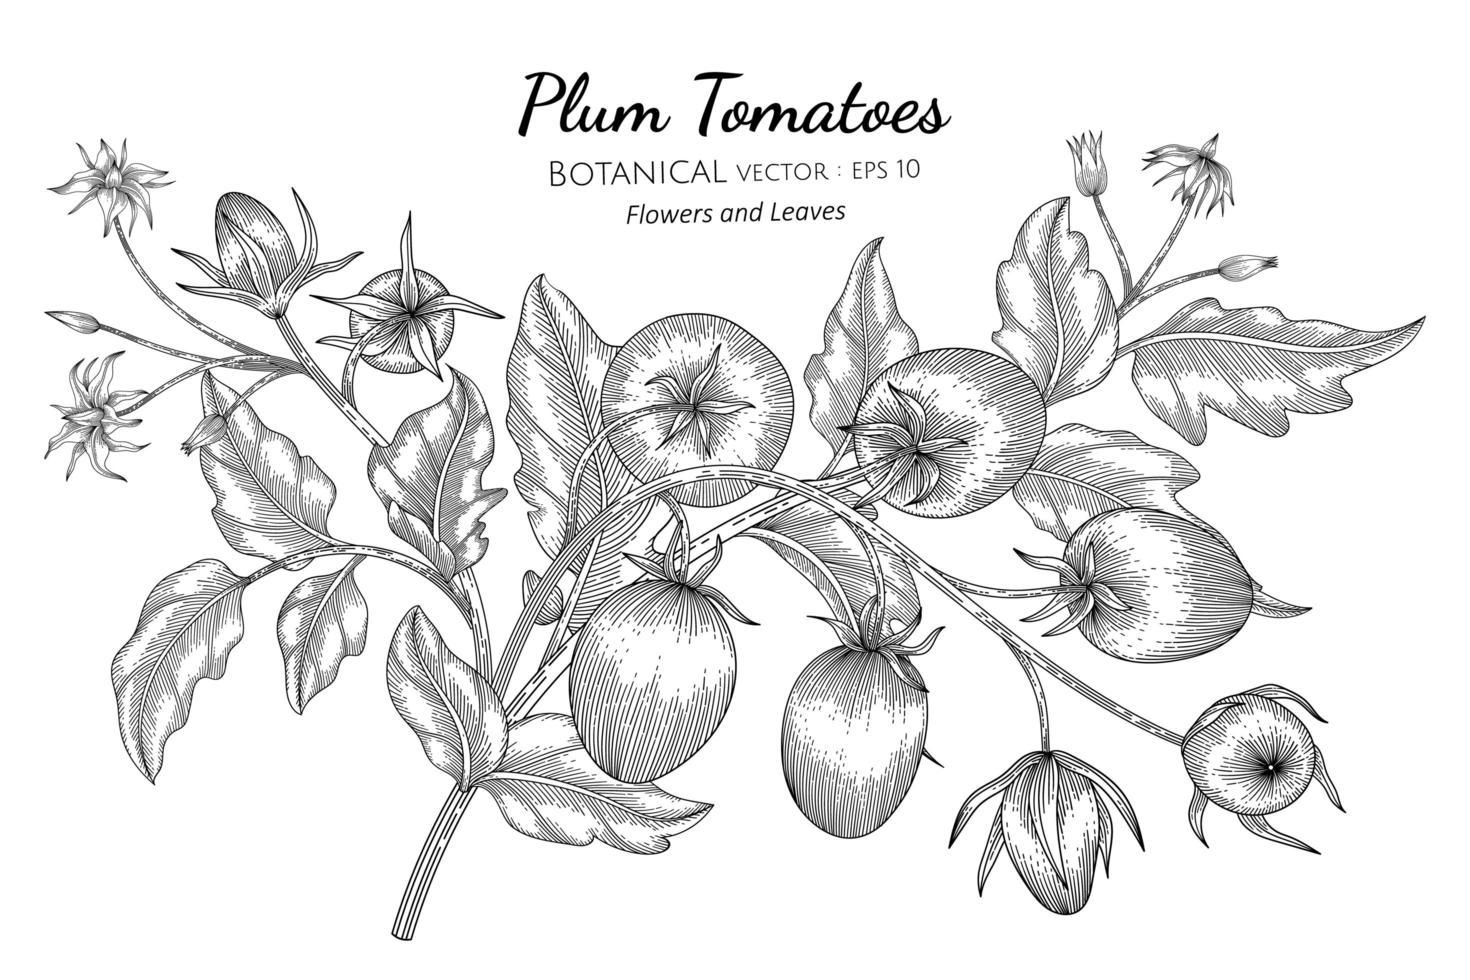 ameixa tomate desenhado à mão ilustração botânica com arte em fundo branco vetor